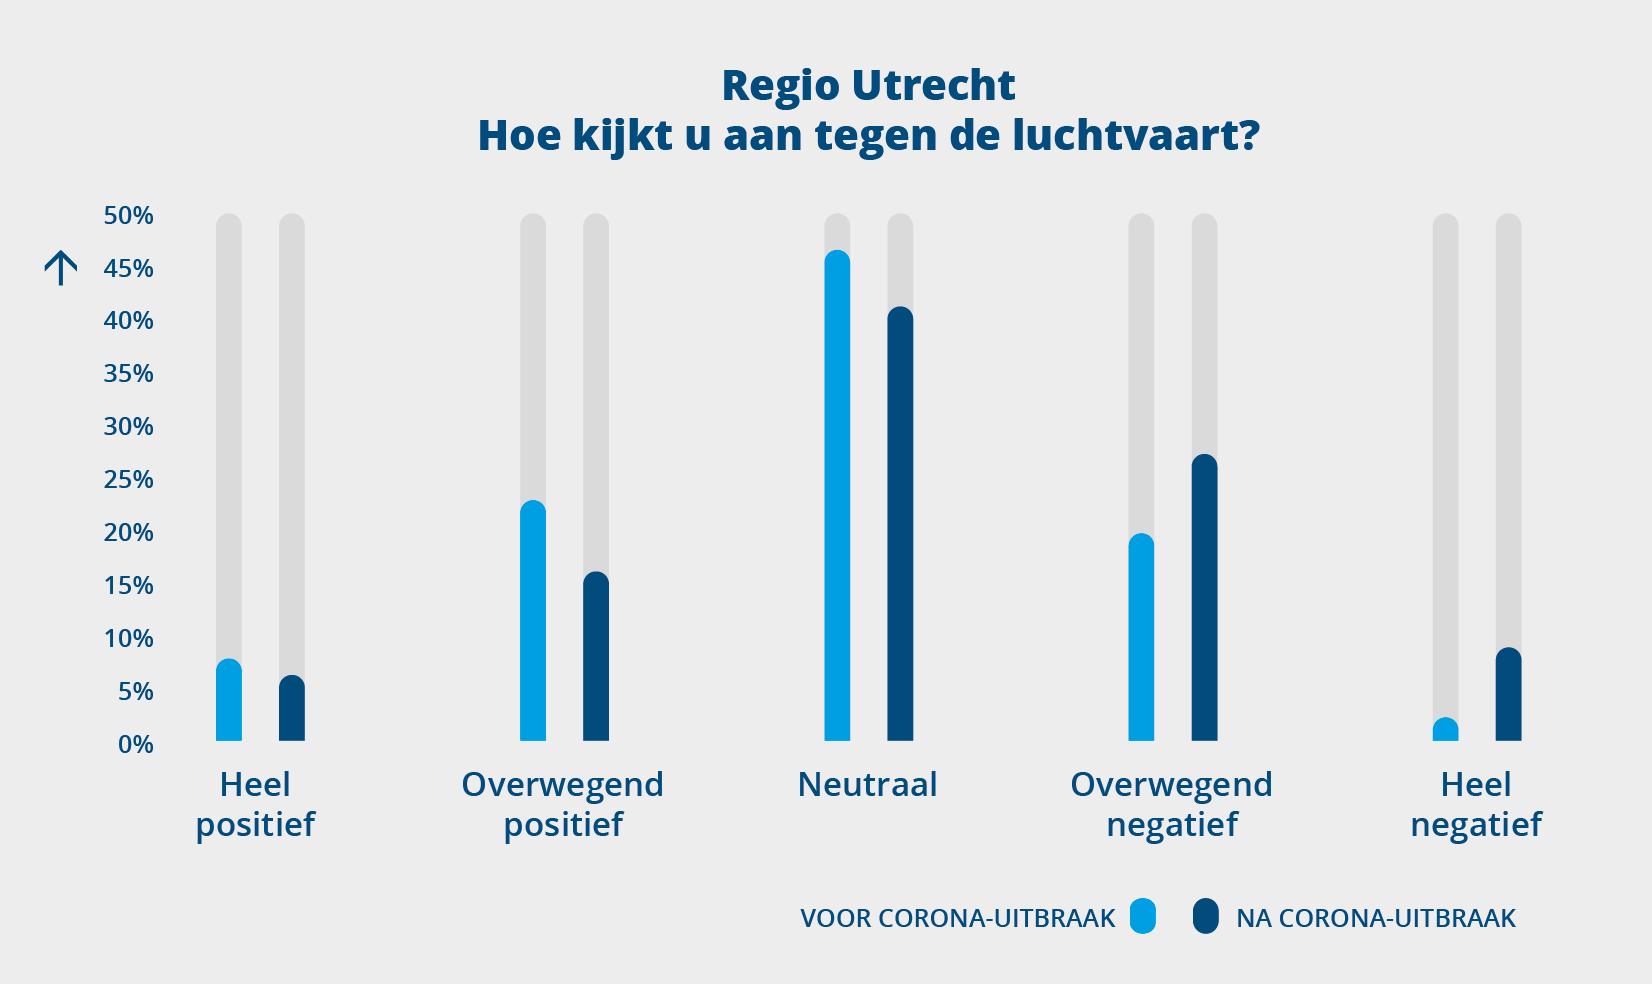 Regio Utrecht: Hoe kijkt u aan tegen de luchtvaart?